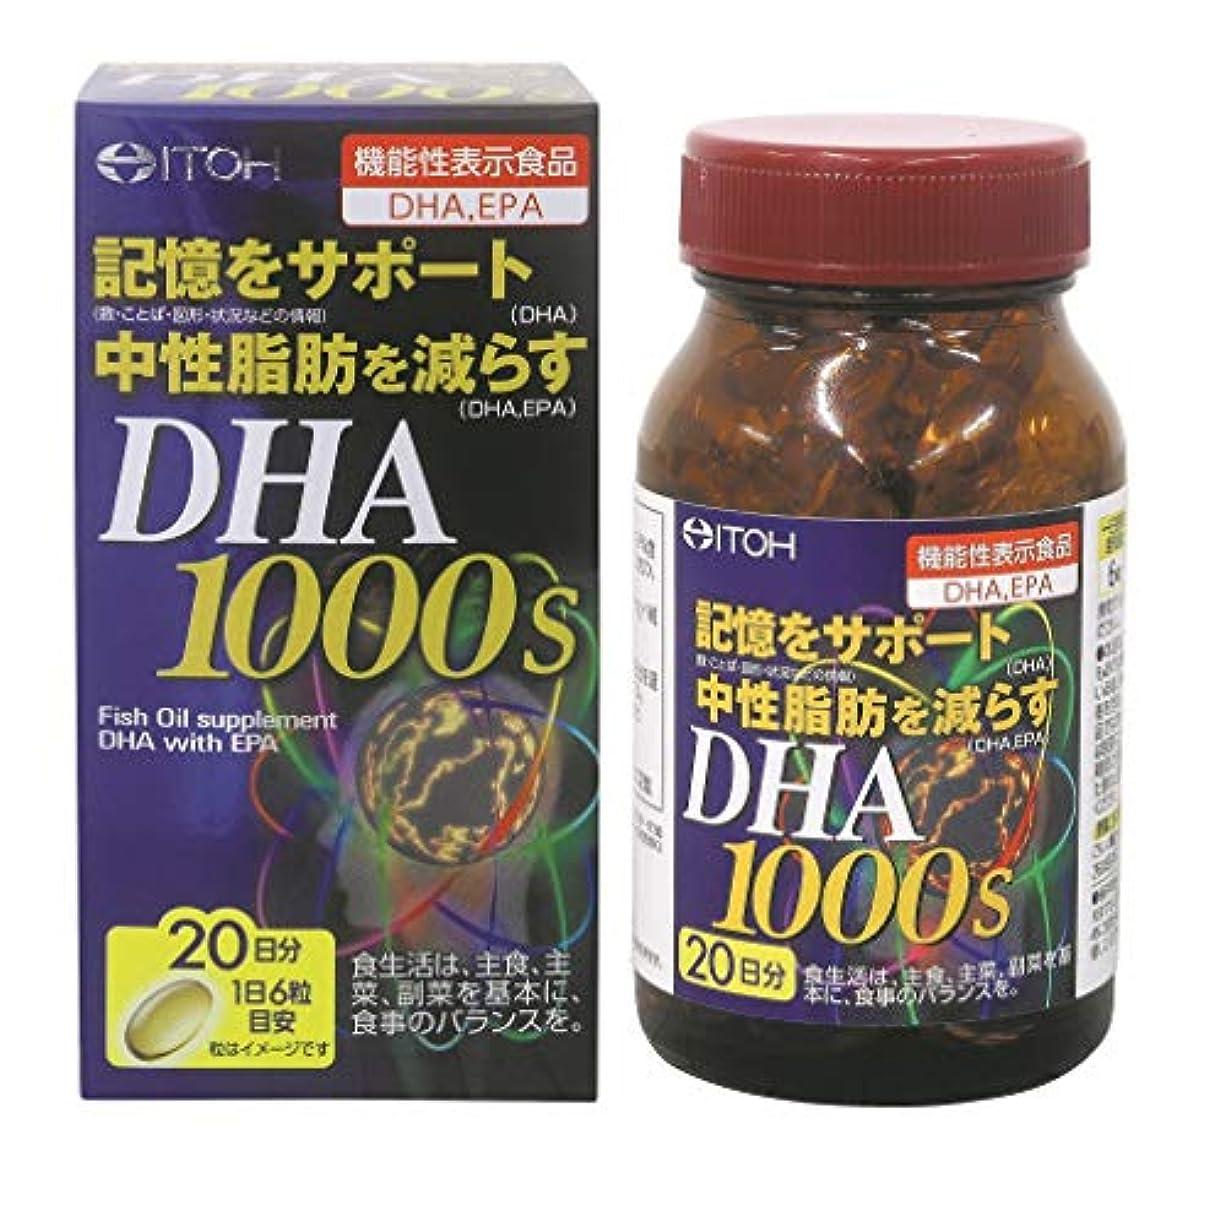 キャンパス民族主義経験者井藤漢方製薬 DHA1000 約20日分 120粒